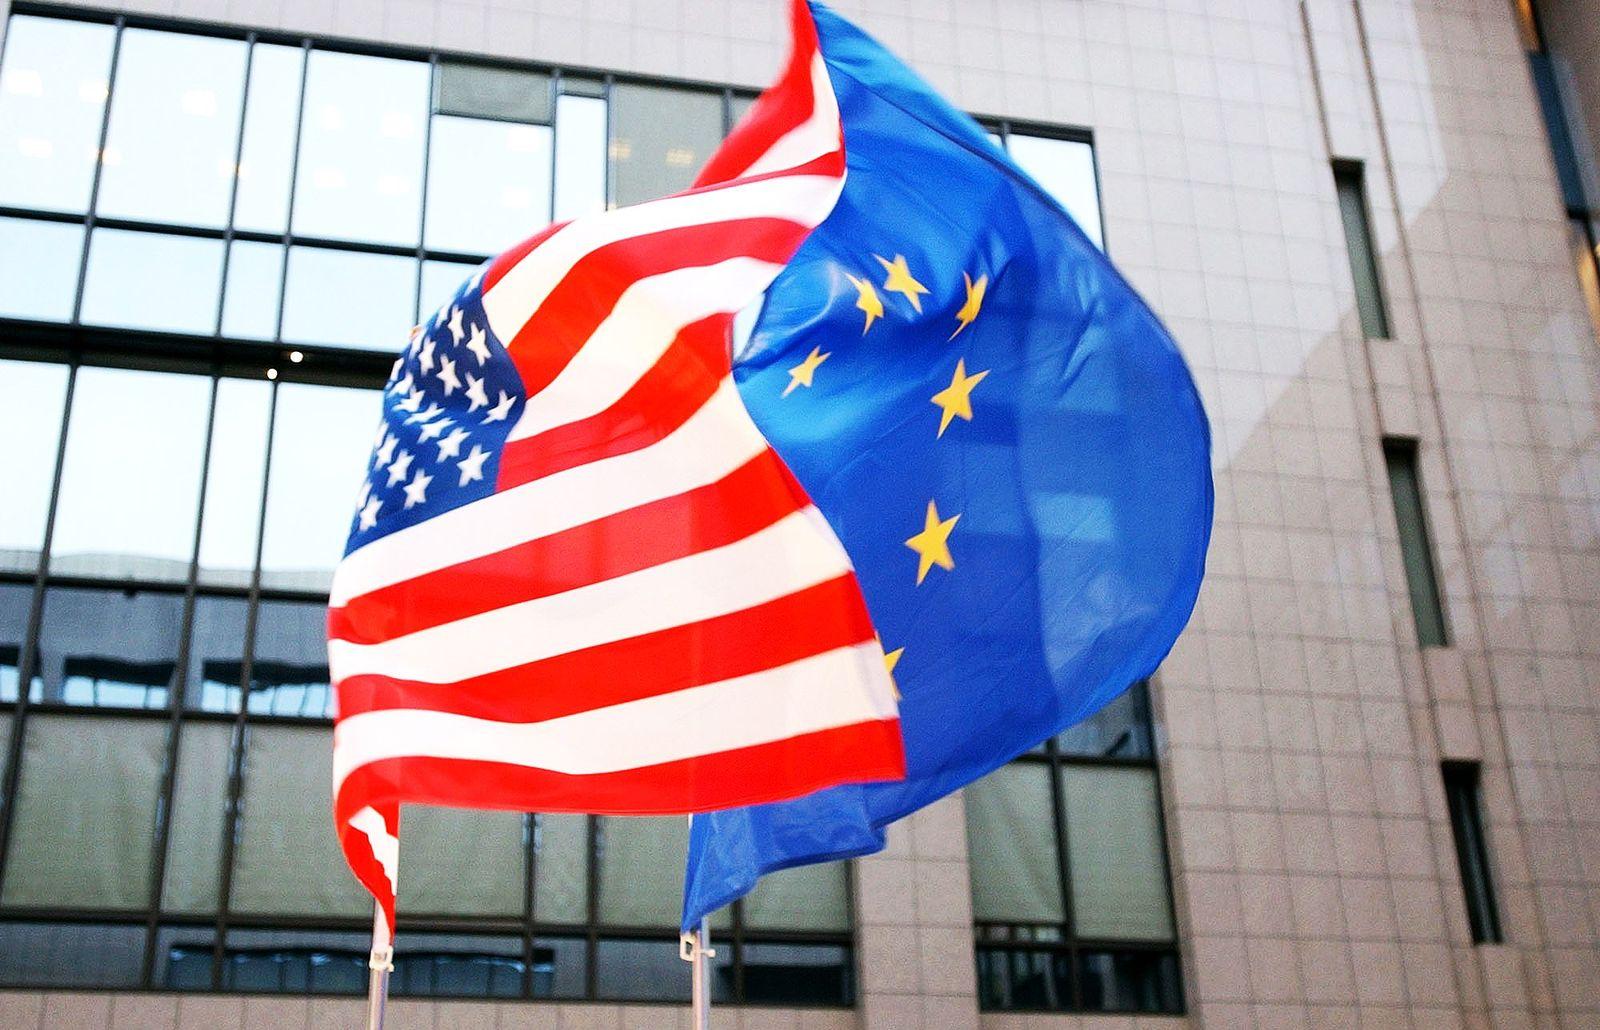 EU USA / Freihandelsabkommen / USA-Fahne / EU-fahne / Freihandel